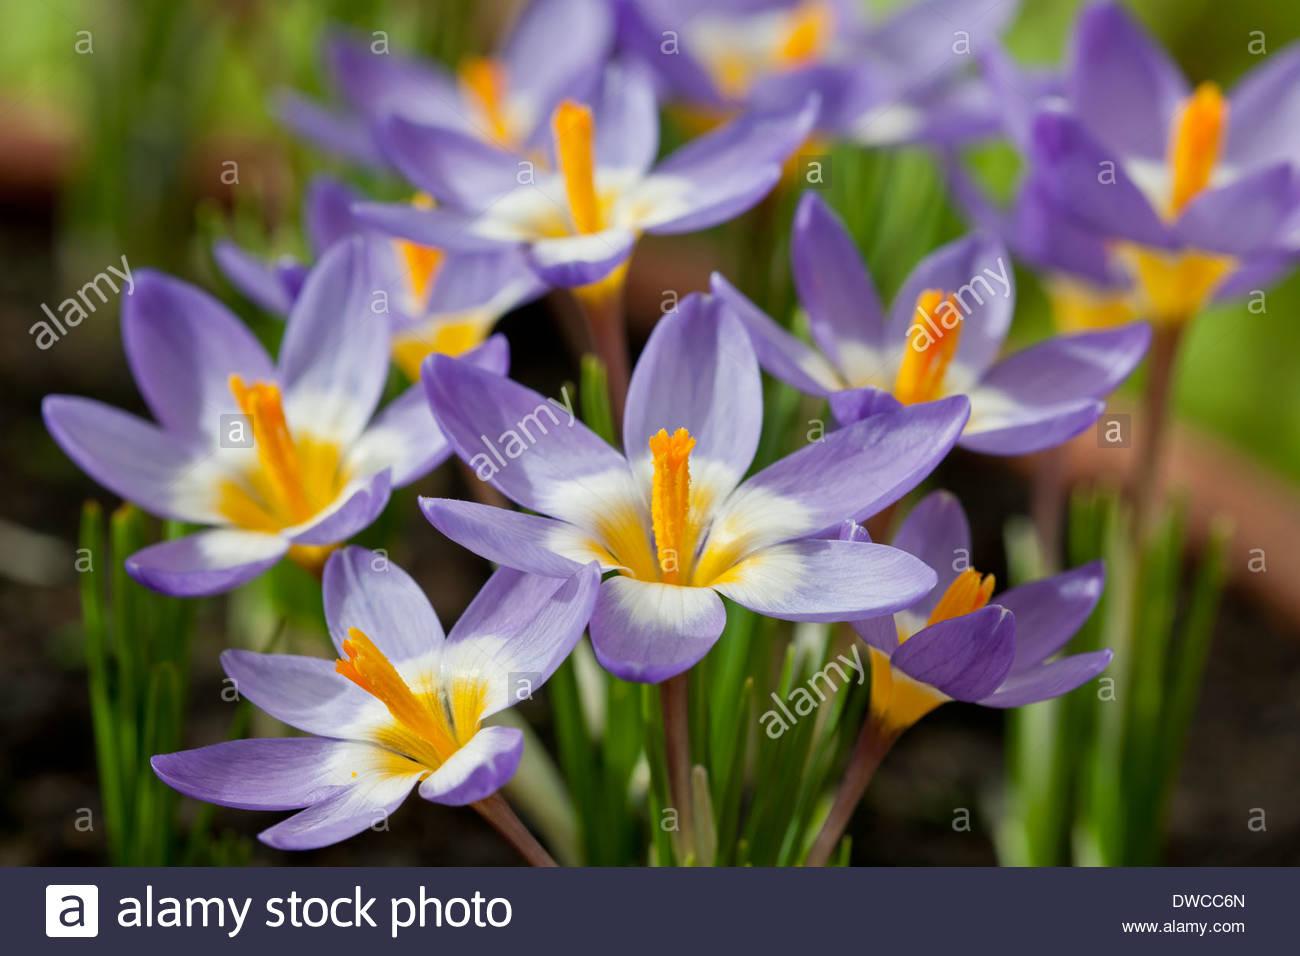 Sieber s Crocus Sieberi Tricolor Spring Flower Bulb Flowers Blooms Stock